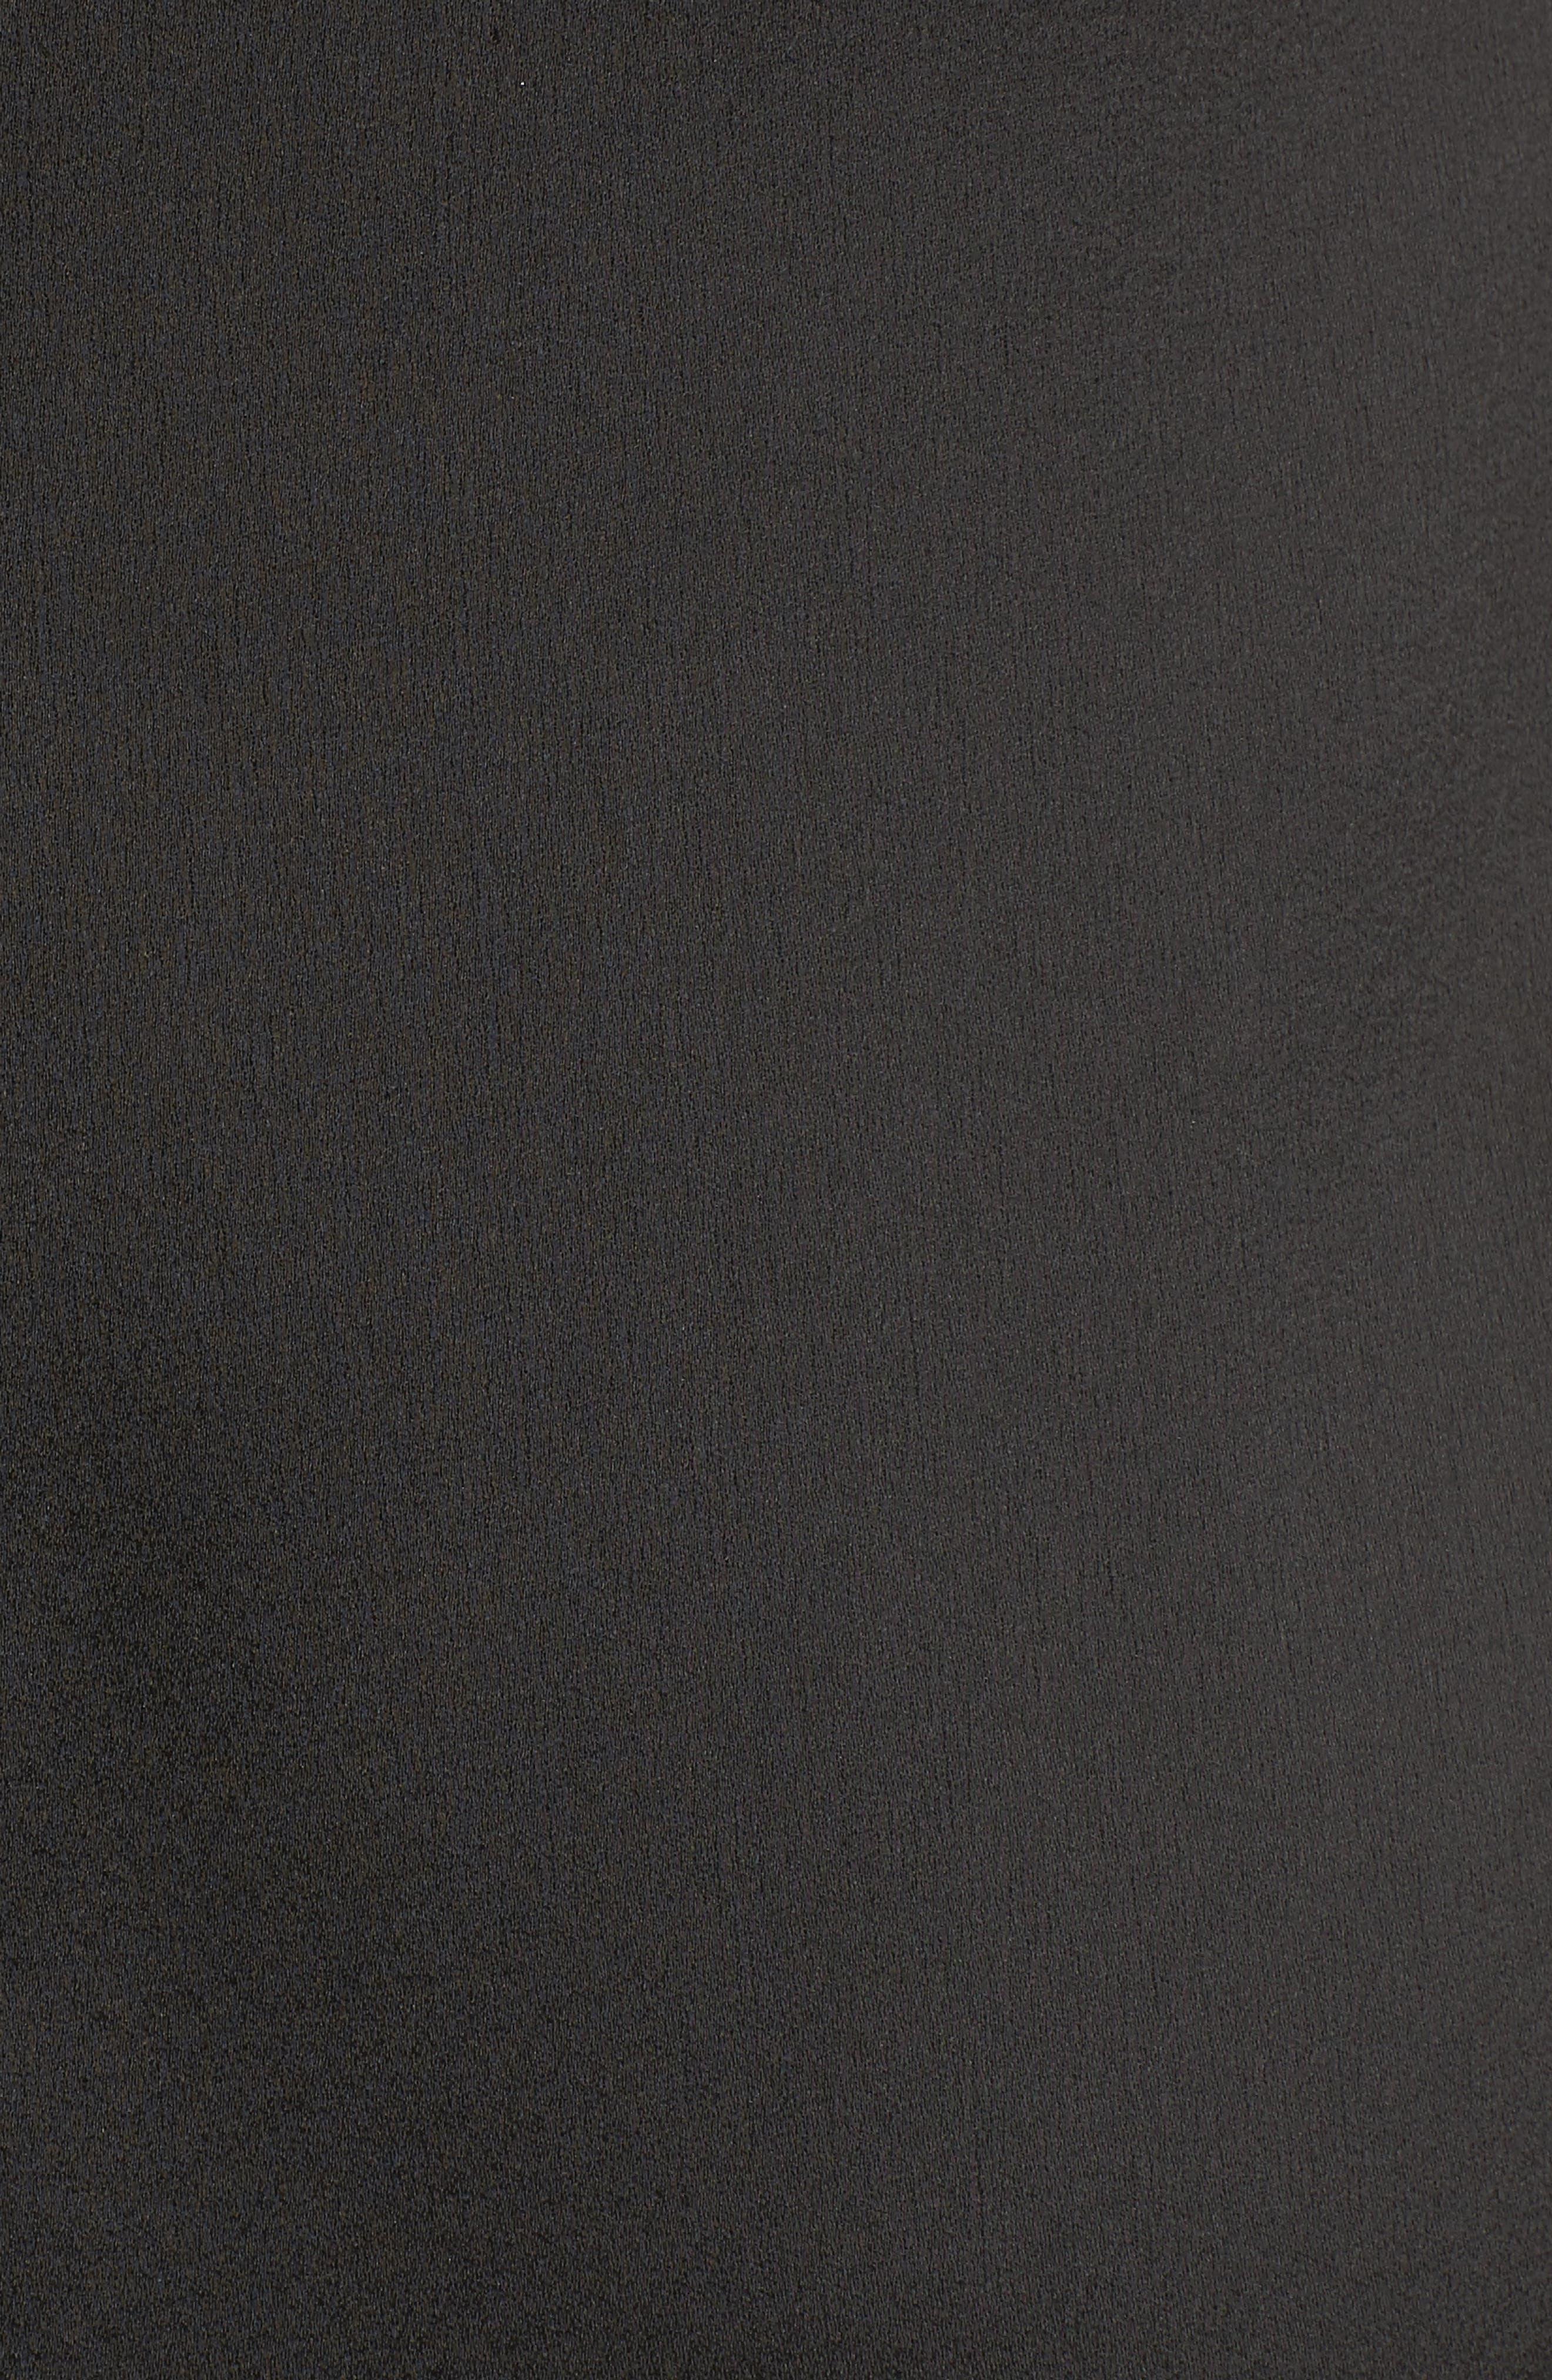 Velvet & Lace Trim Slipdress,                             Alternate thumbnail 5, color,                             001